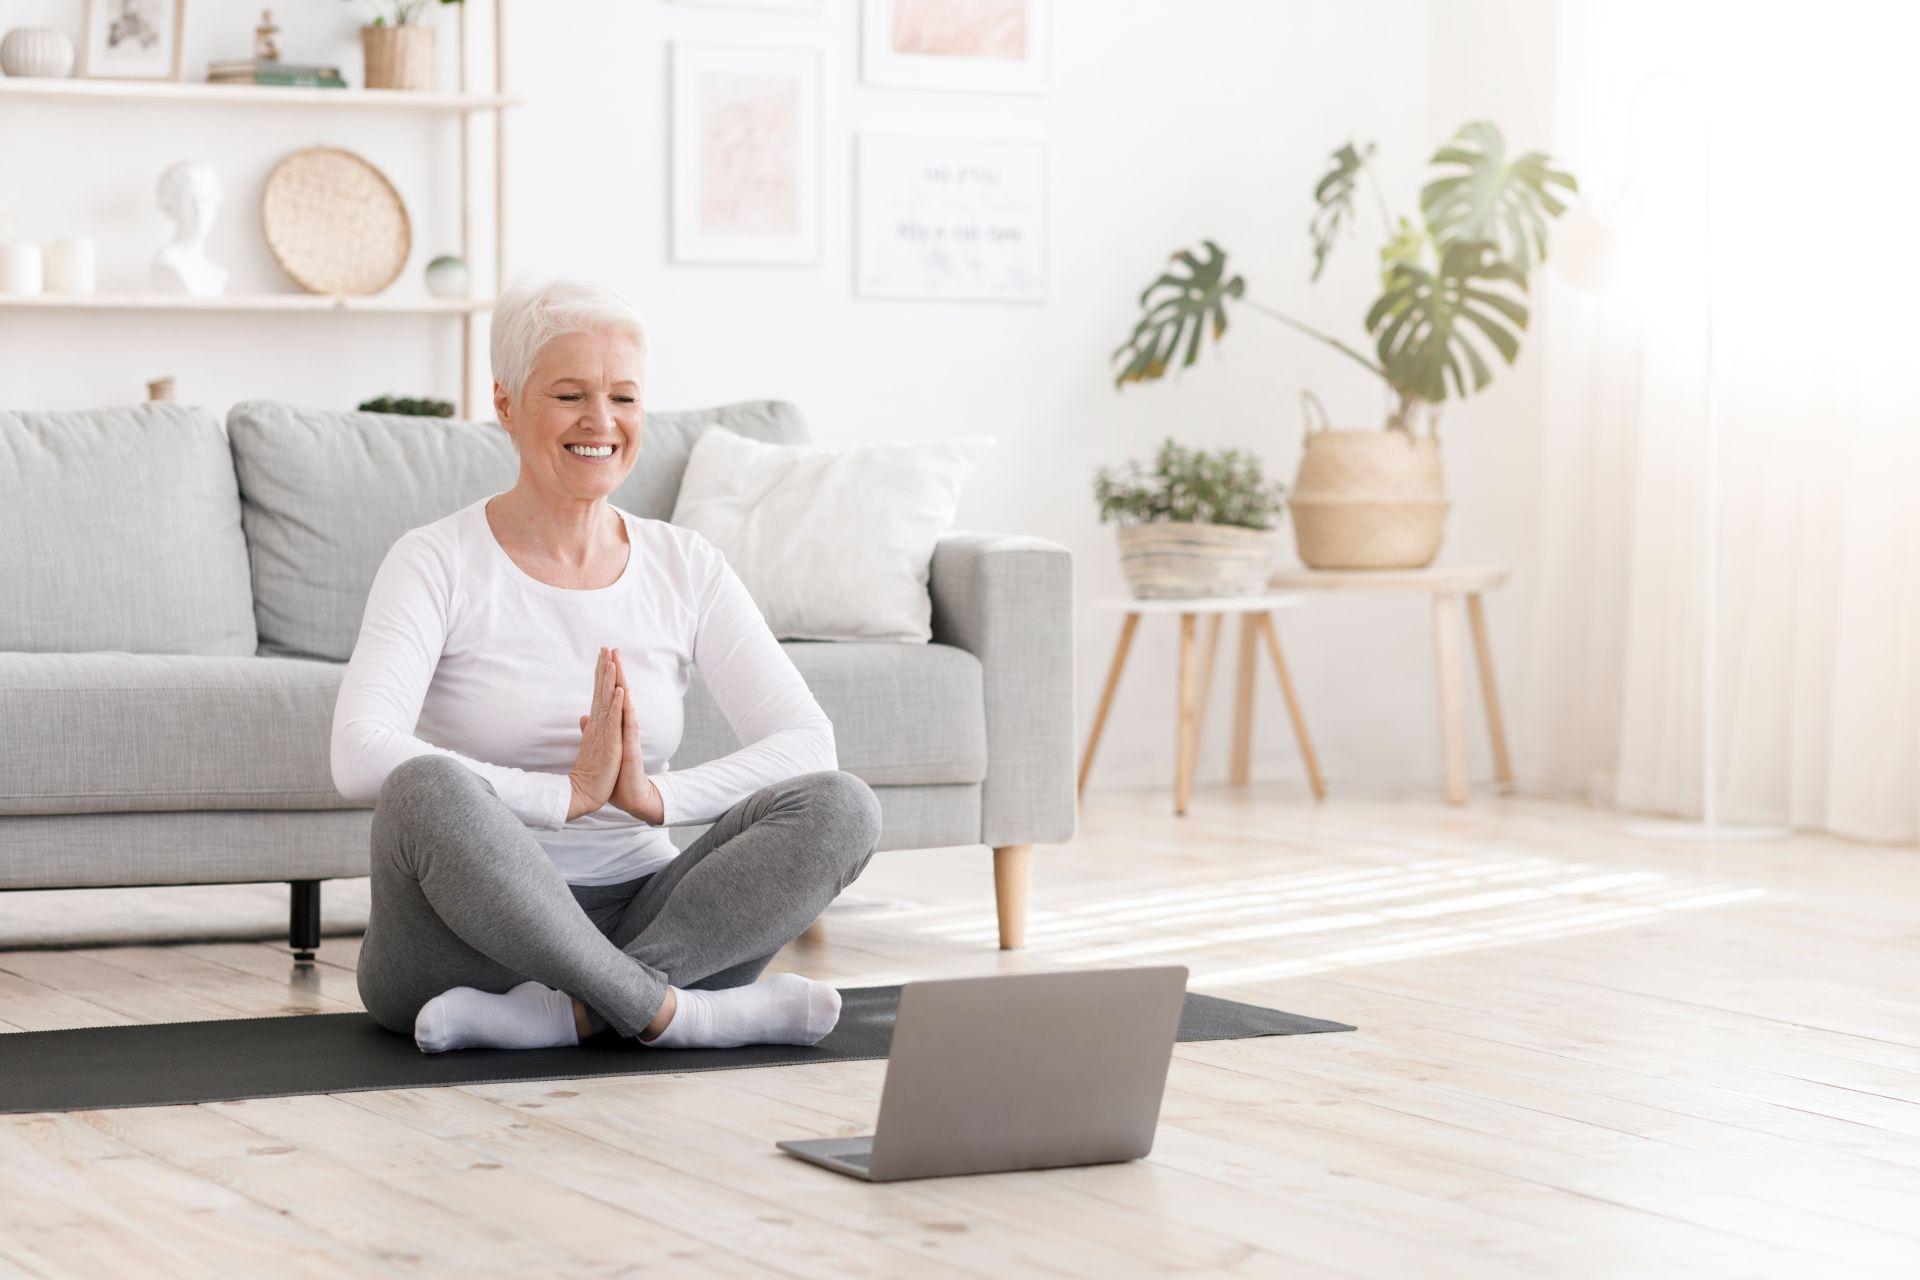 Ćwiczenia dla osób starszych - zachowaj dobrą formę fizyczną jako aktywny senior, nawet podczas kwarantanny w czasie pandemii - połącz ruch ze zdrową, zbilansowaną dietą bogatą w wartościowe składniki odżywcze.